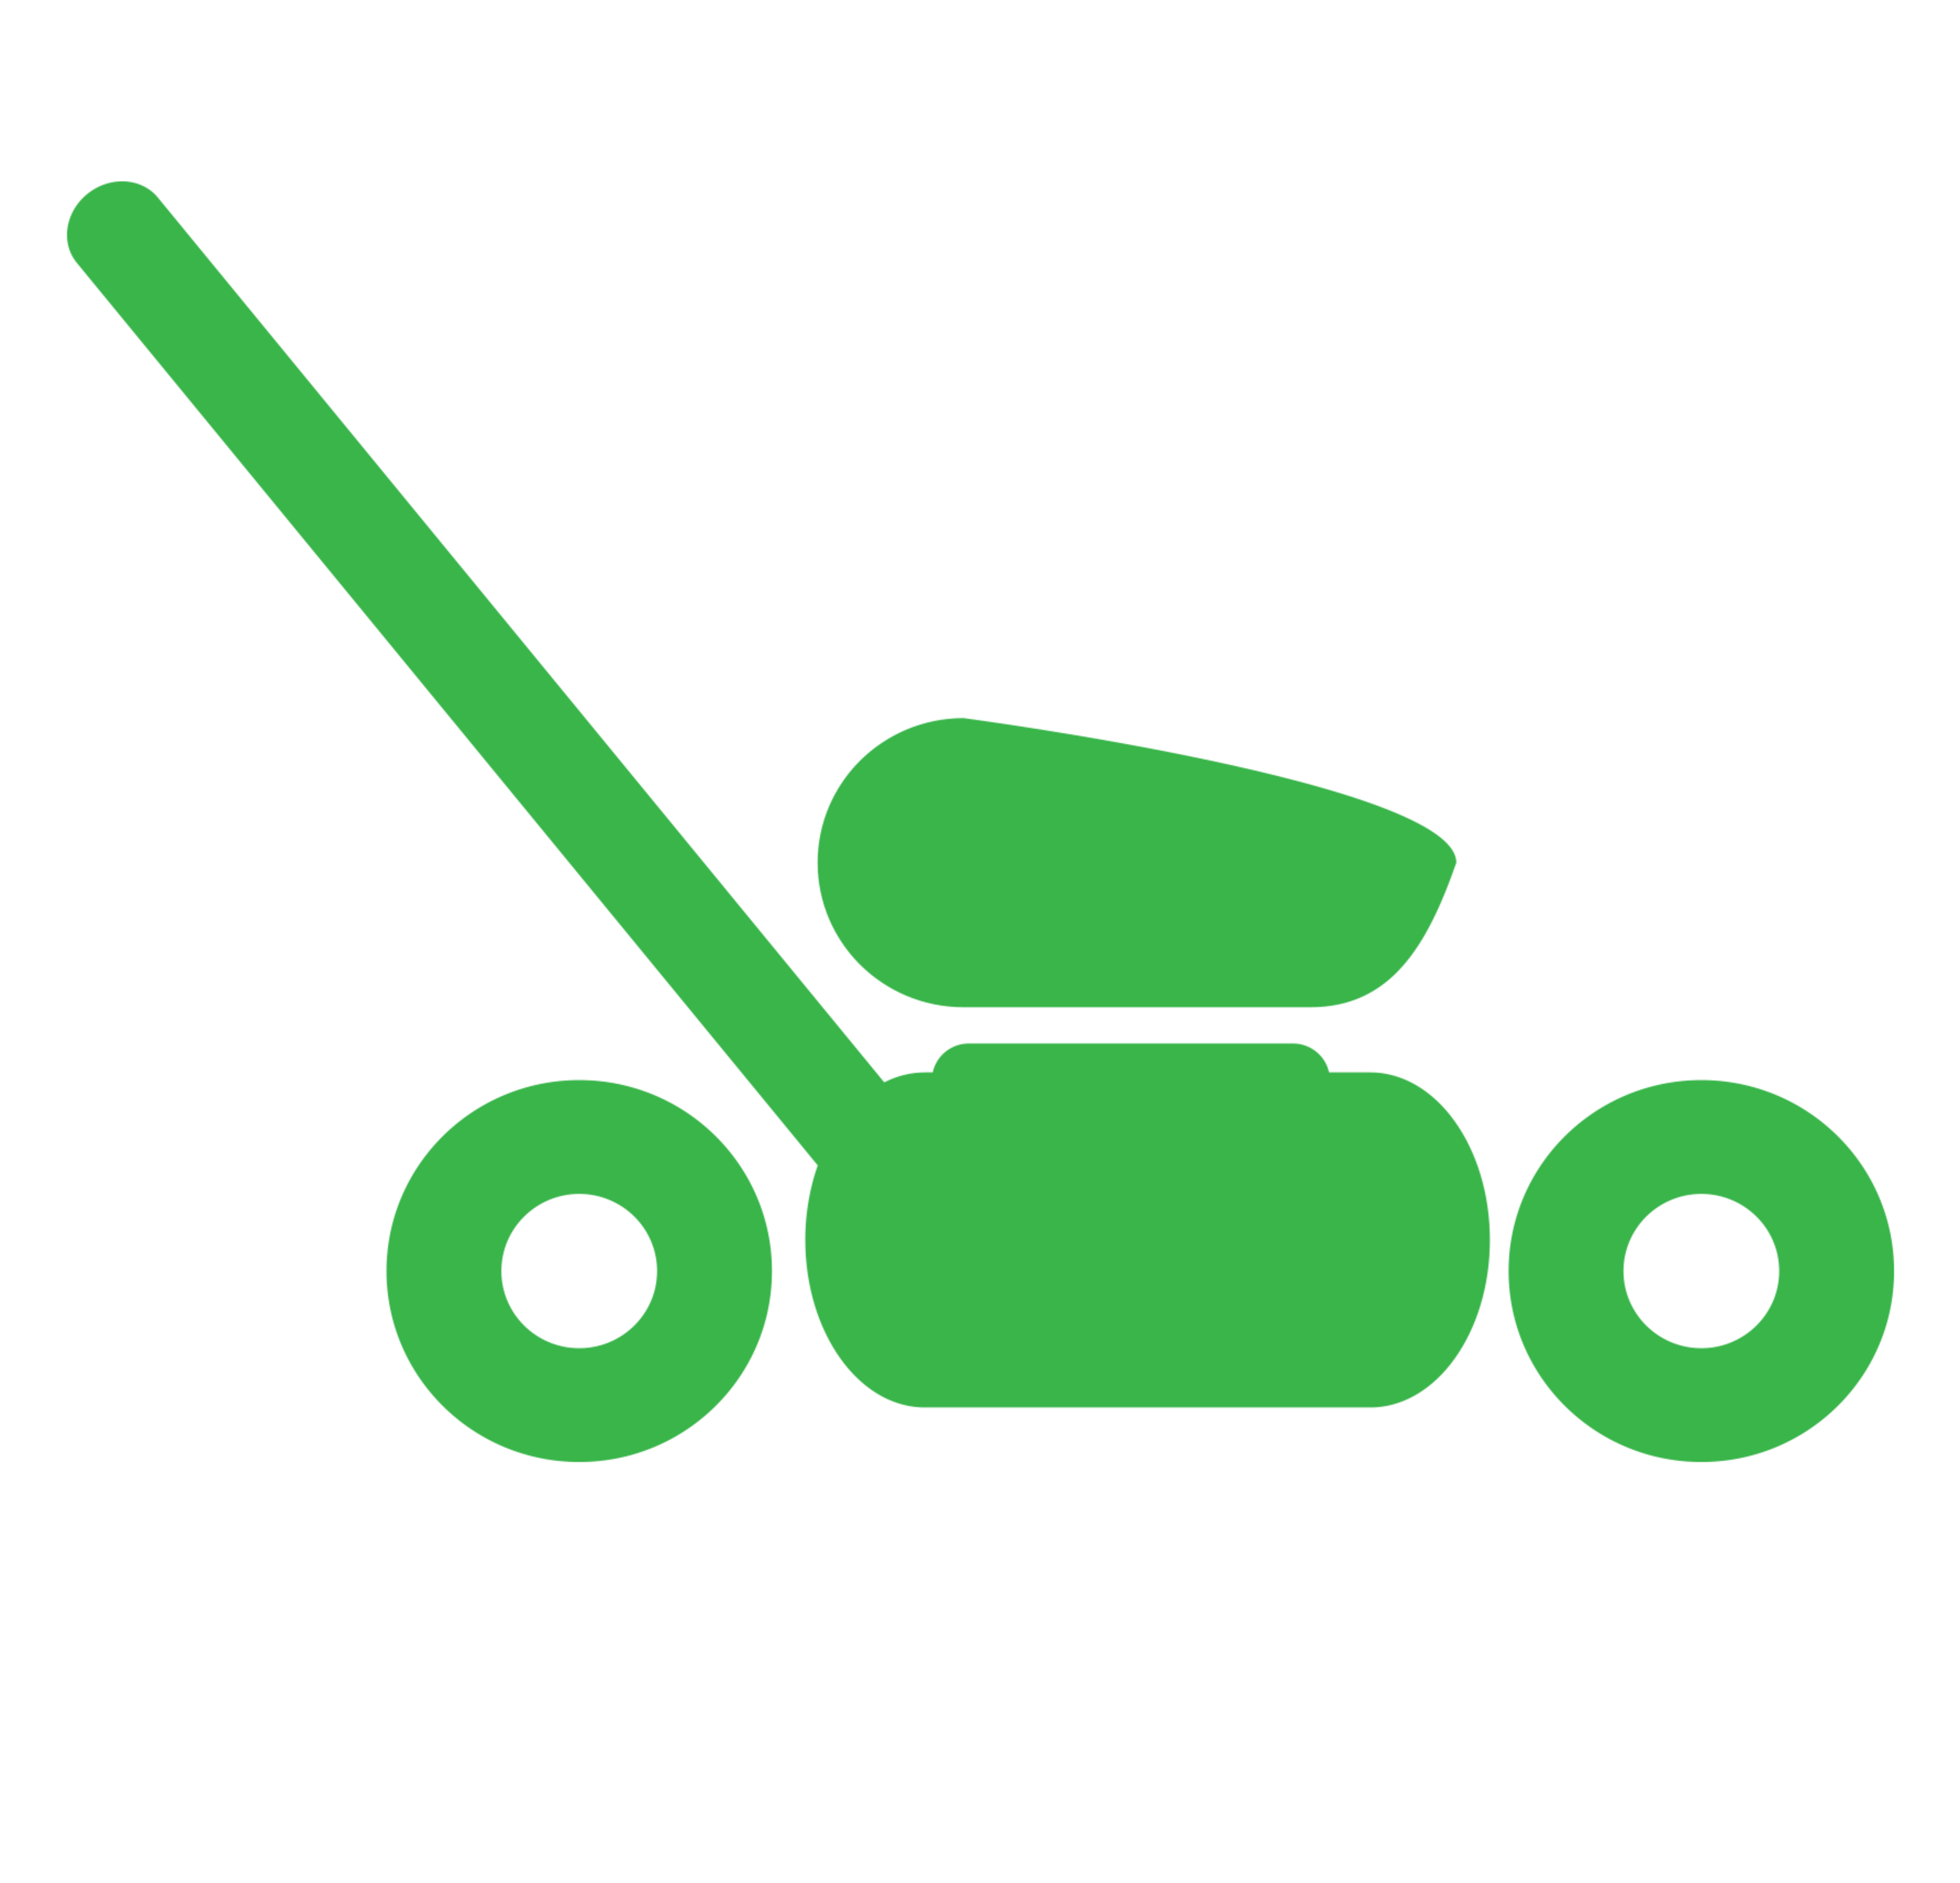 Lawn Mower Clipart #15189-Lawn Mower Clipart #15189-11